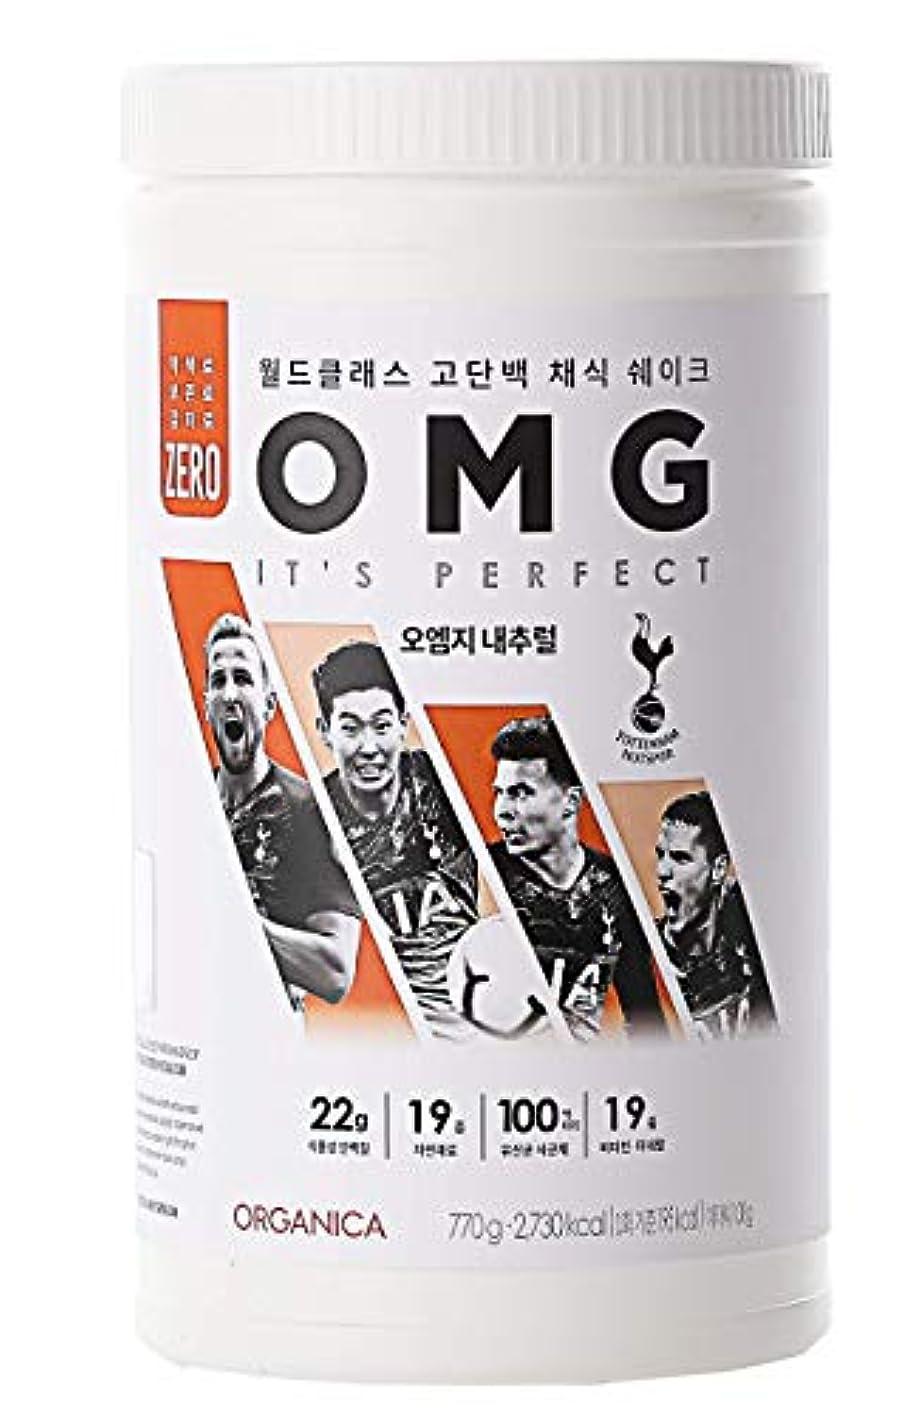 強制的積分初期のオーエムジー タンパク質 ダイエット シェイク (OMG, protein shake) (ナチュラル)